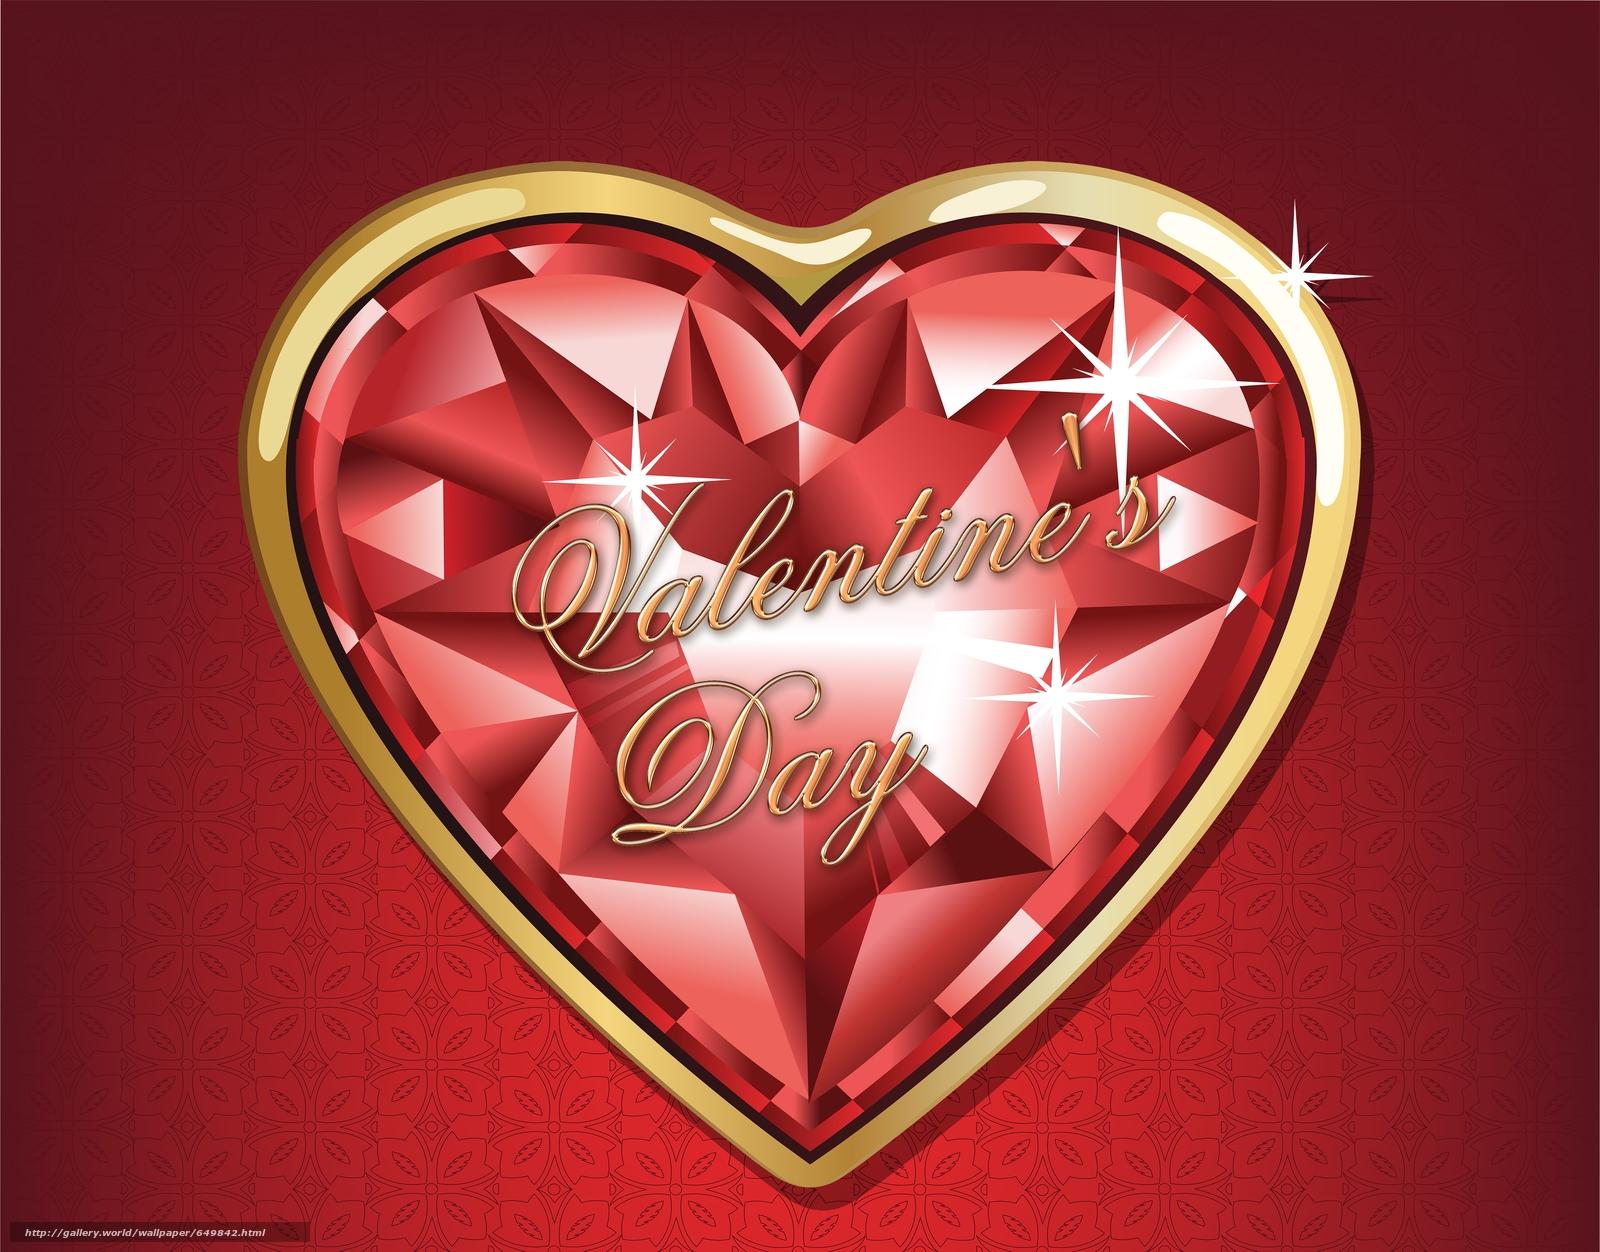 Скачать обои Валентинки,  Валентинка,  День святого Валентина,  день влюблённых бесплатно для рабочего стола в разрешении 4800x3756 — картинка №649842